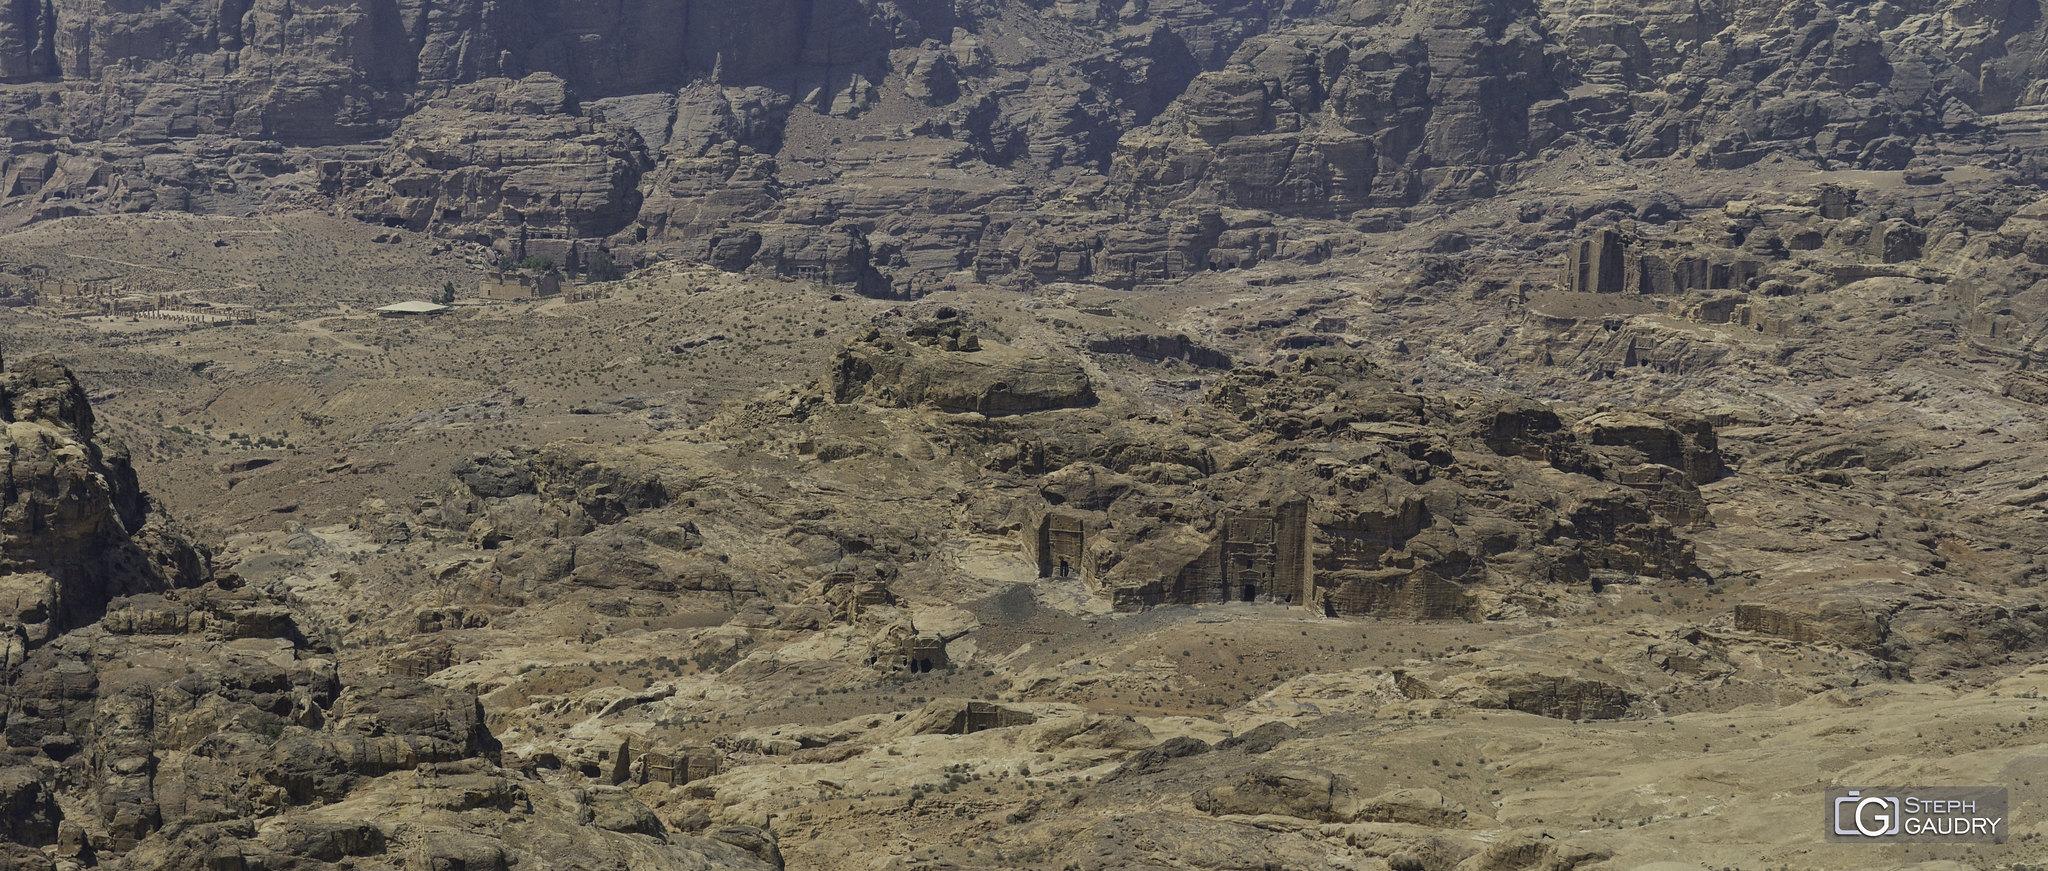 Chaque morceau de rocher est sculpté à Petra... [Klik om de diavoorstelling te starten]